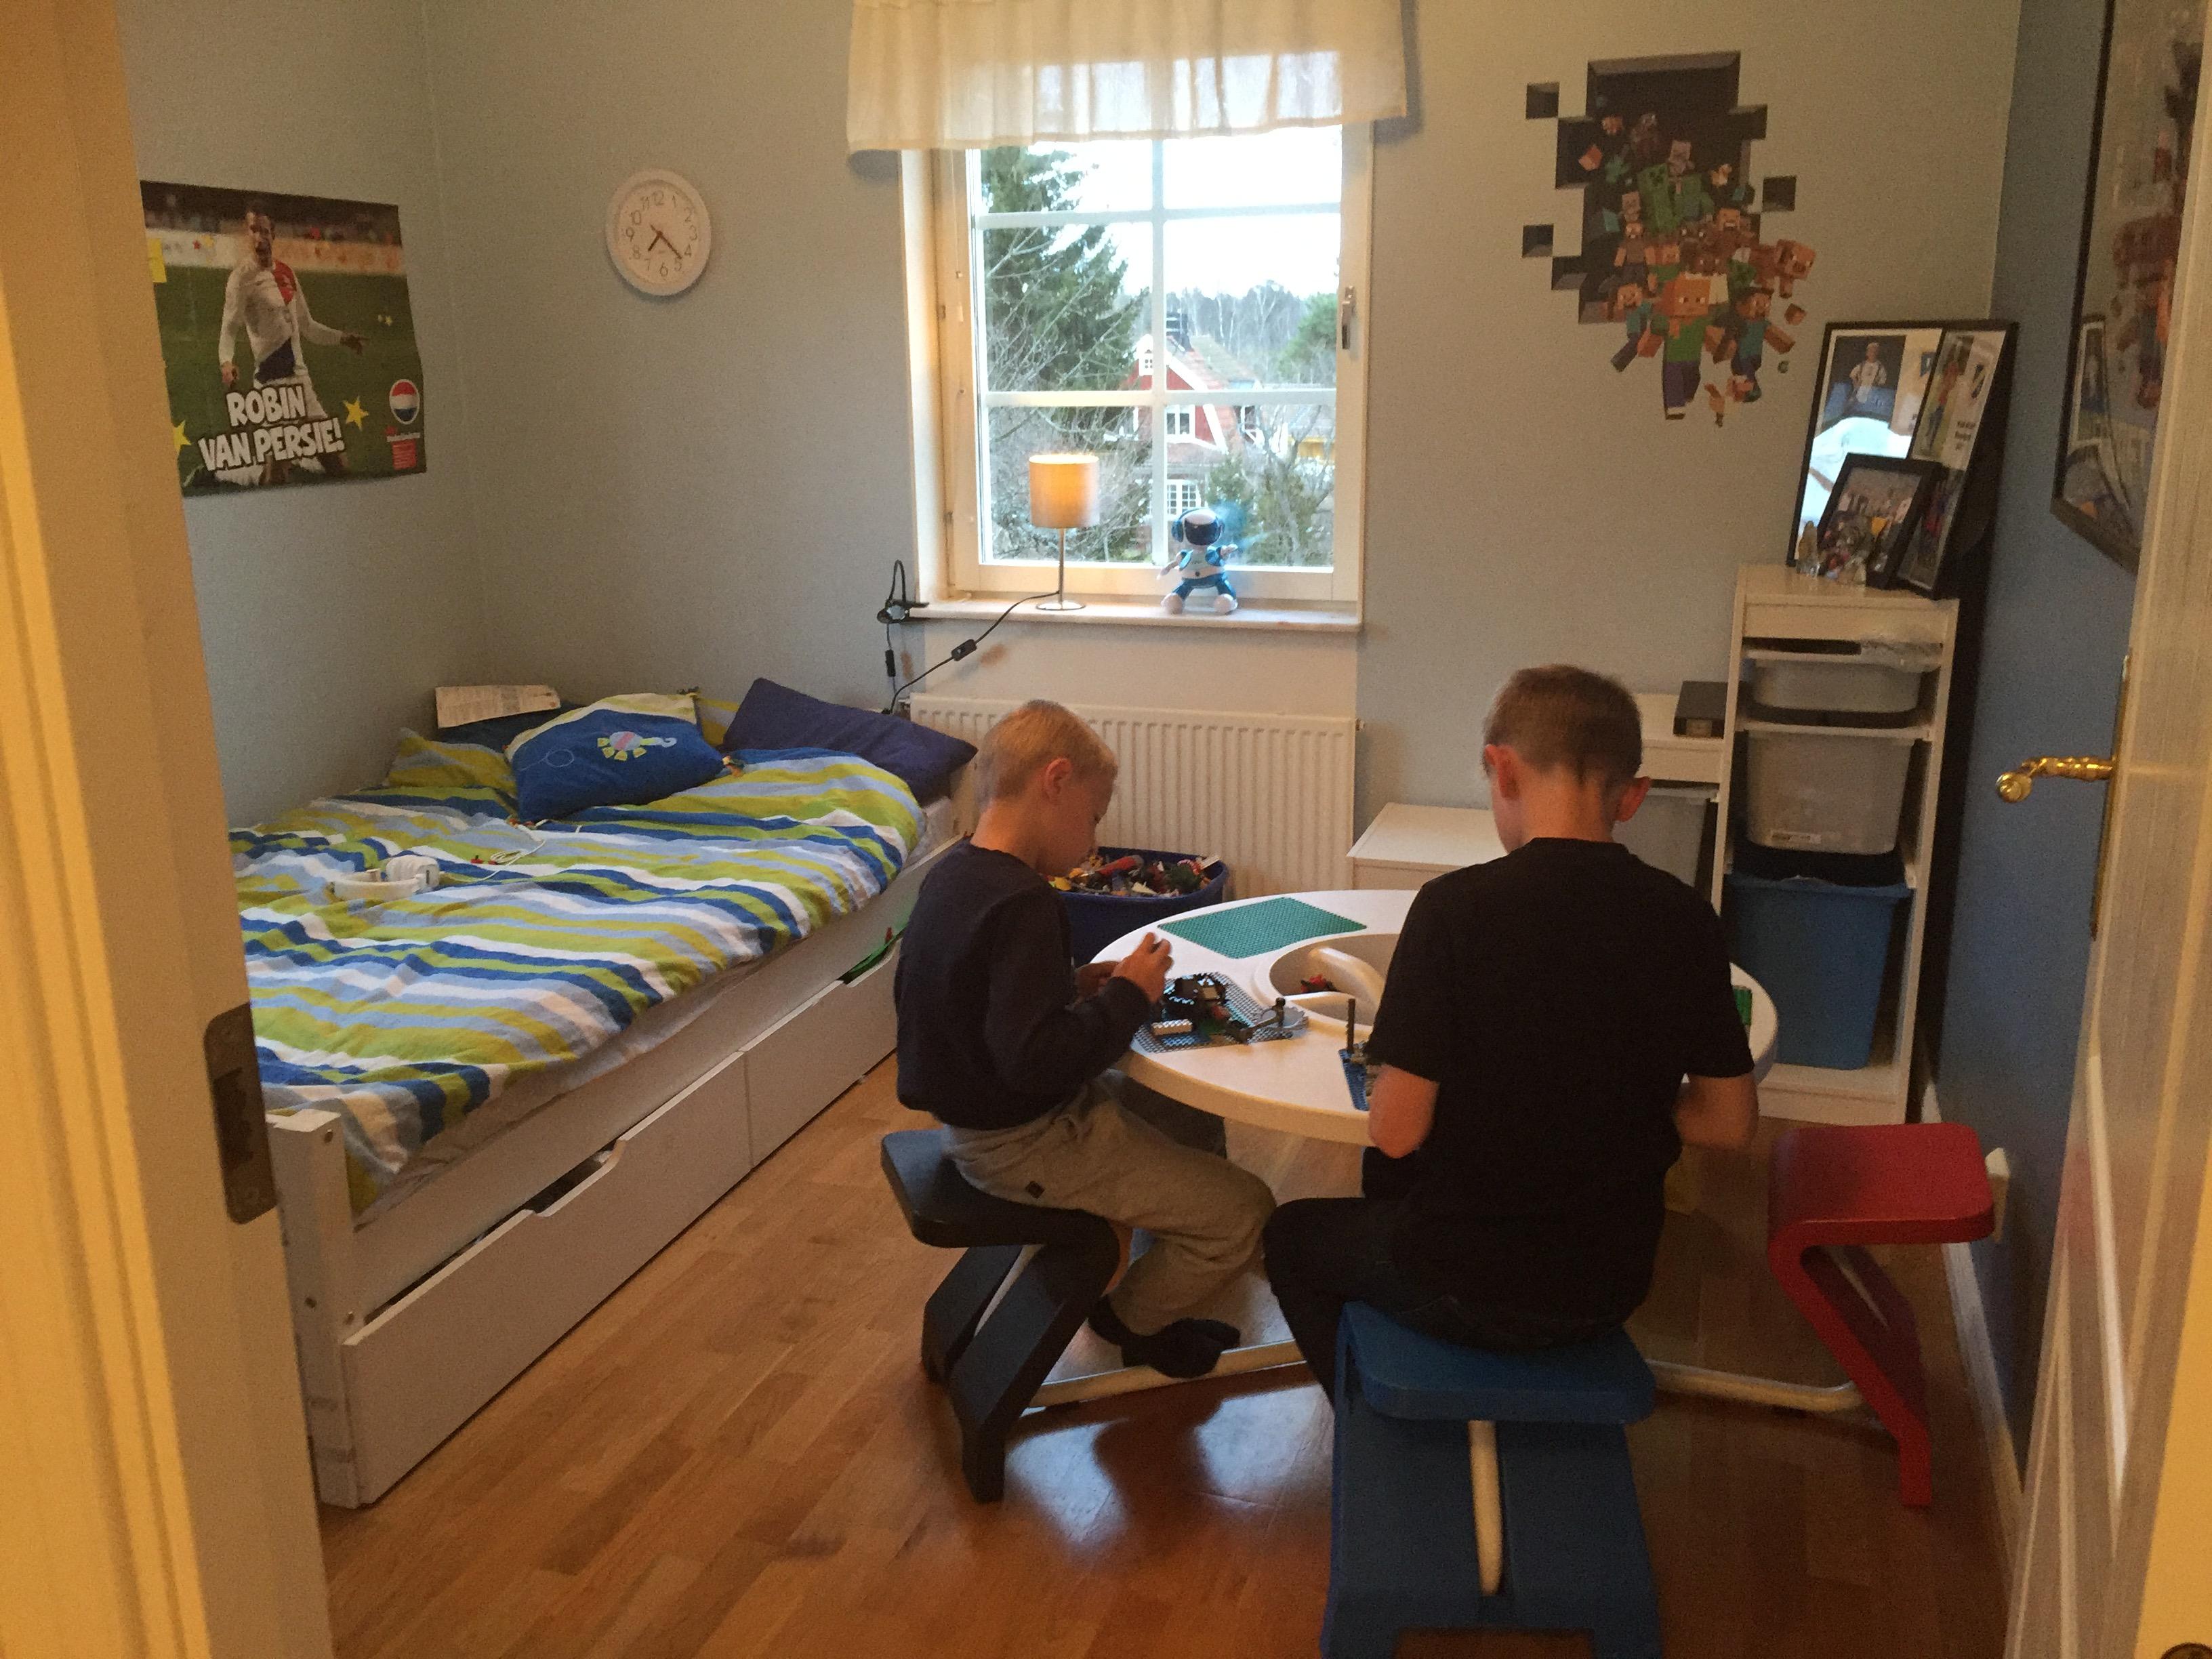 Nu får även kompisar plats och vi slipper ha allt Lego på golvet.